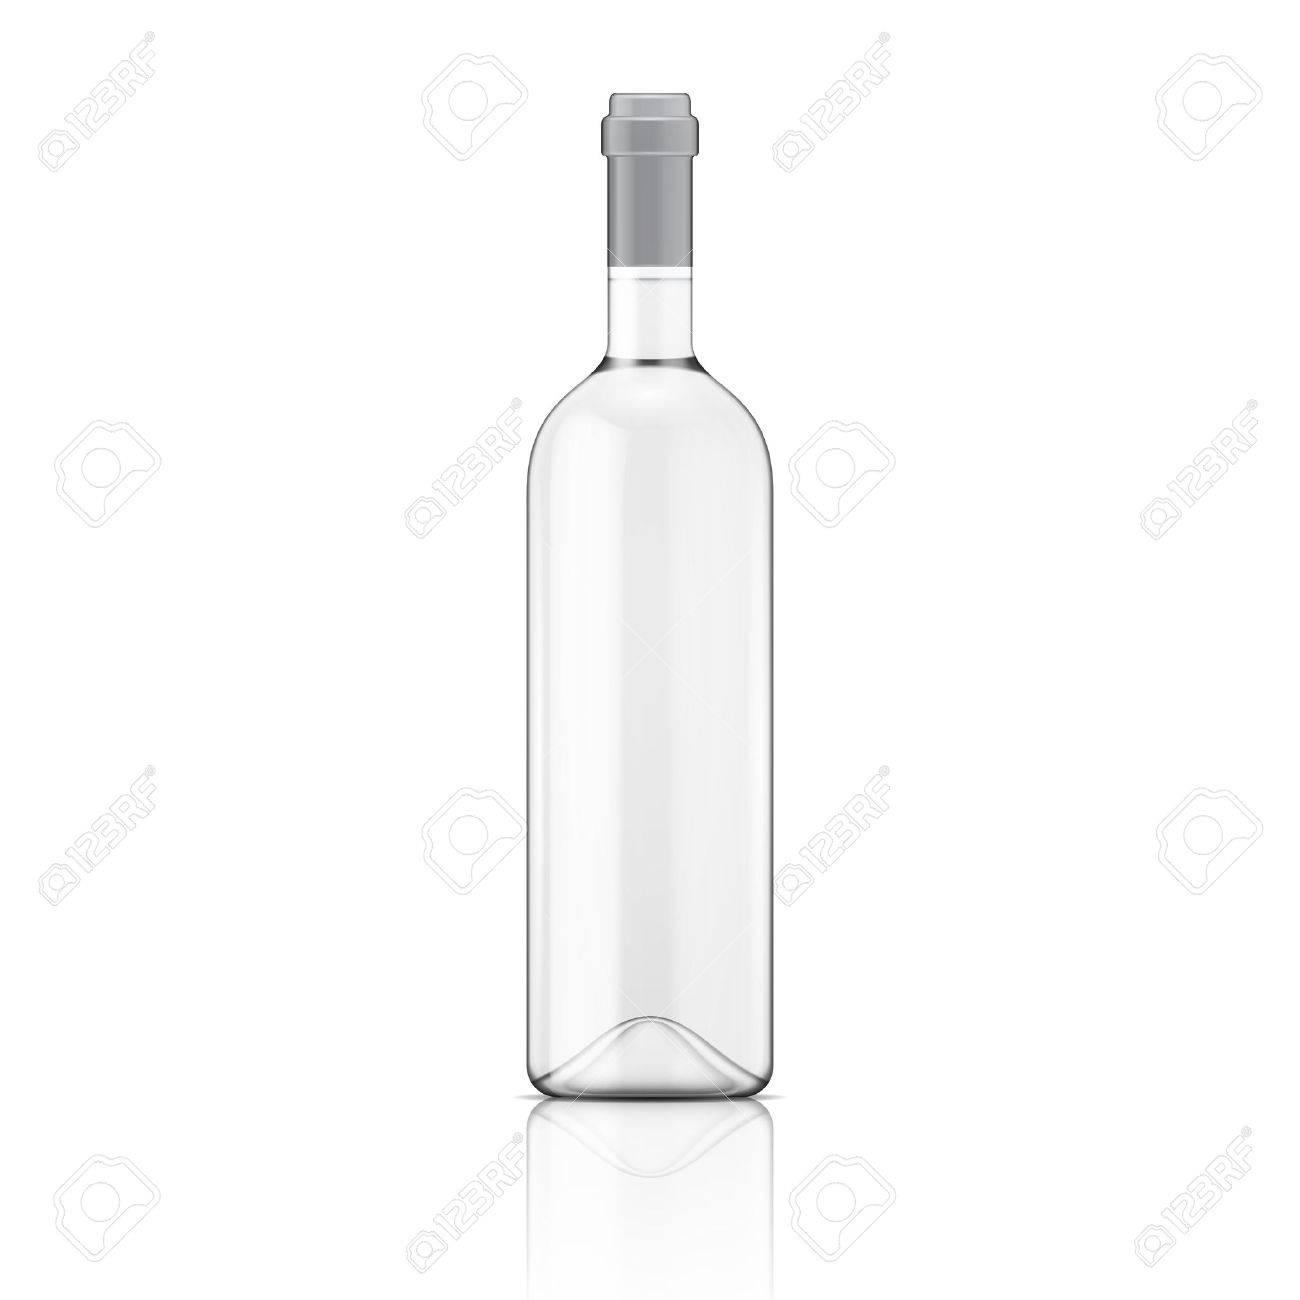 ガラス透明なワインのボトルベクトル イラストガラス瓶の